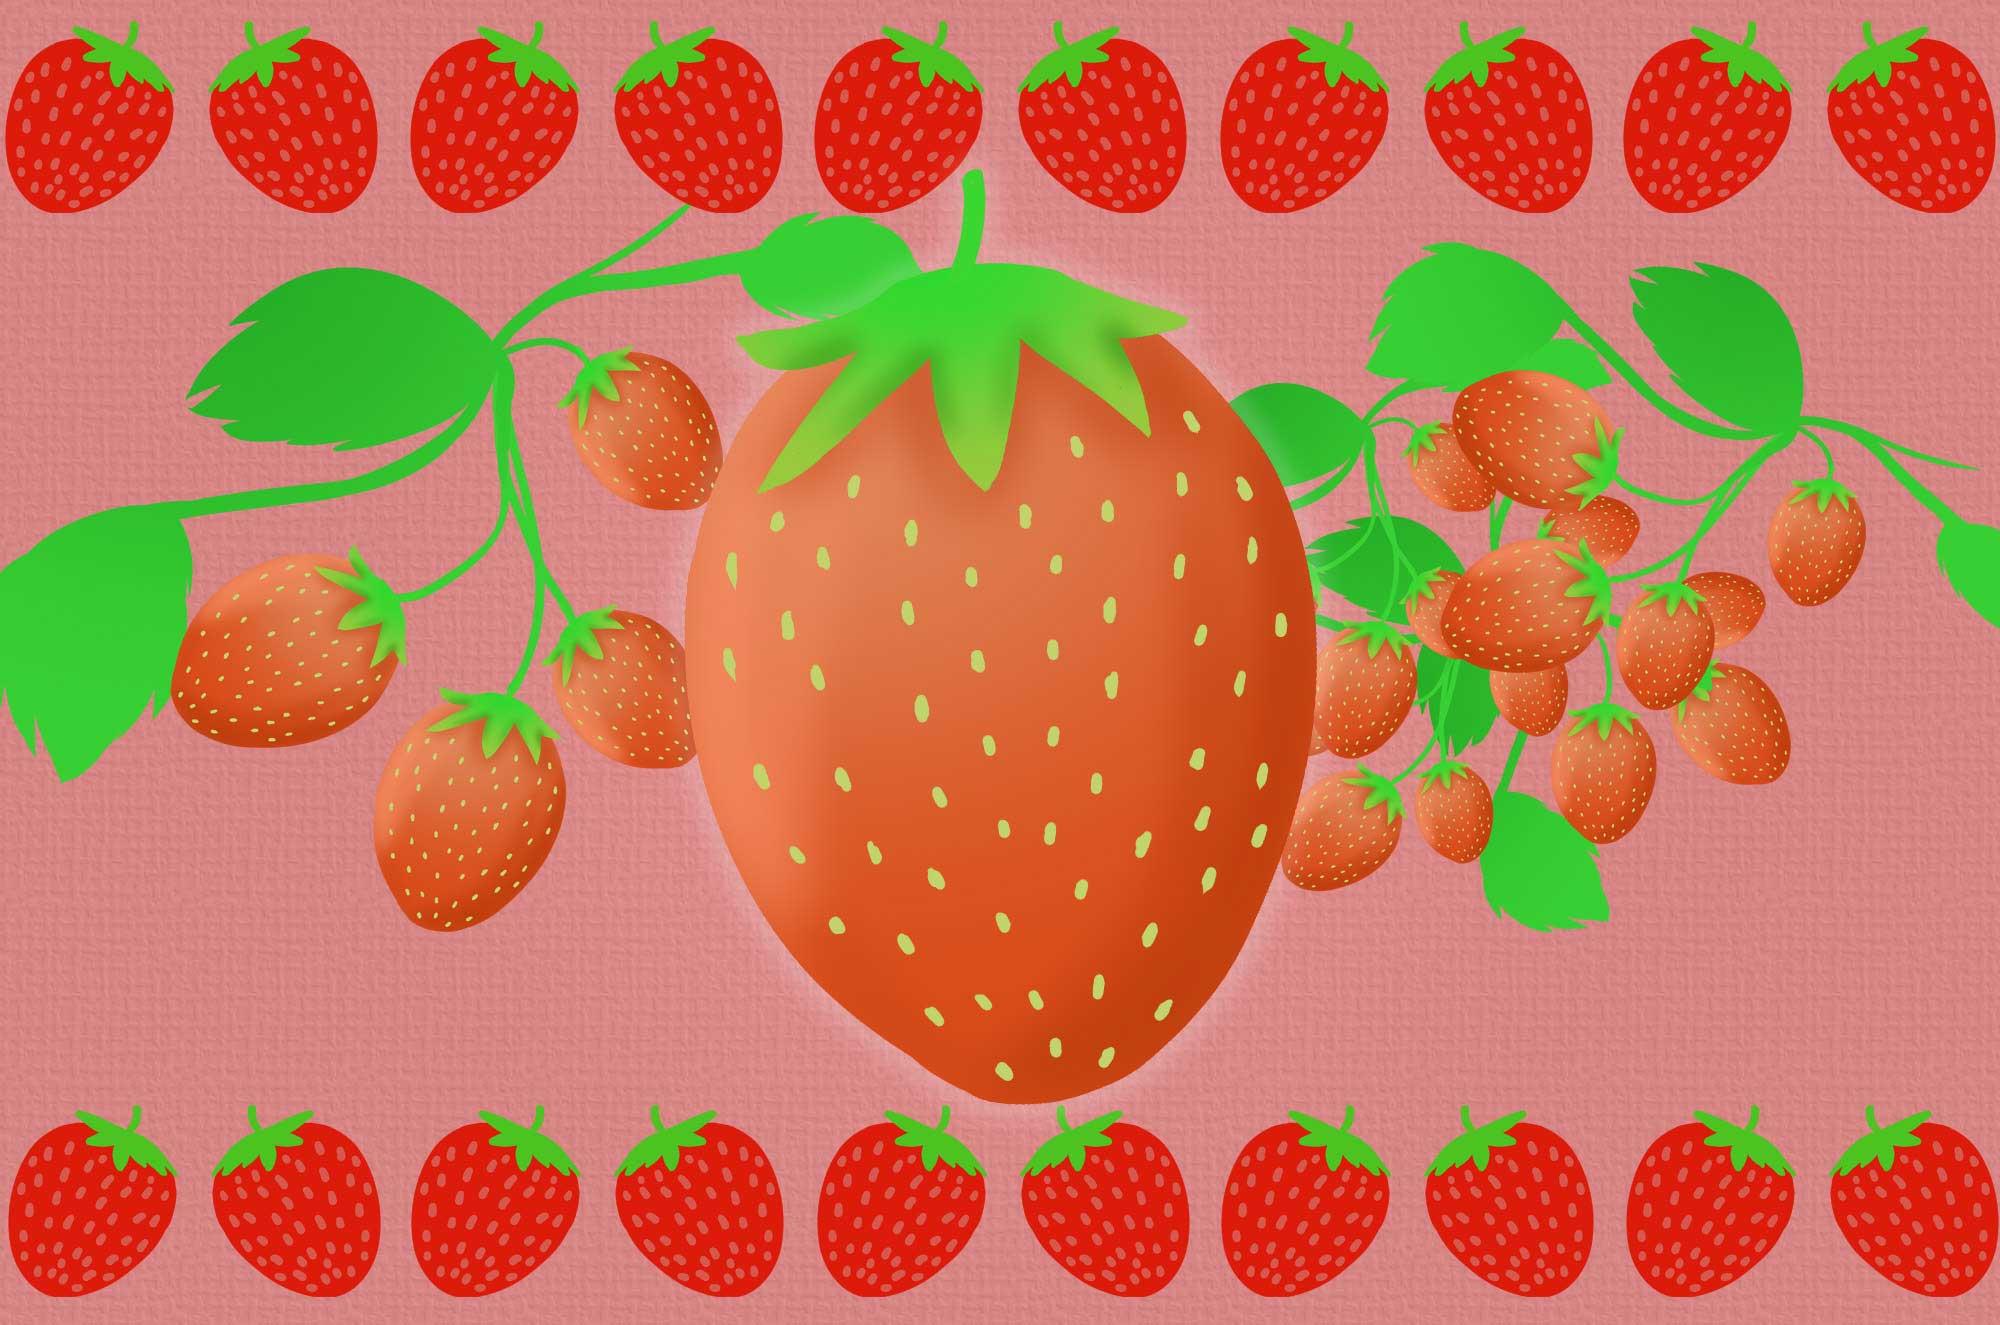 いちごイラスト - かわいいシンプルなフルーツ無料素材